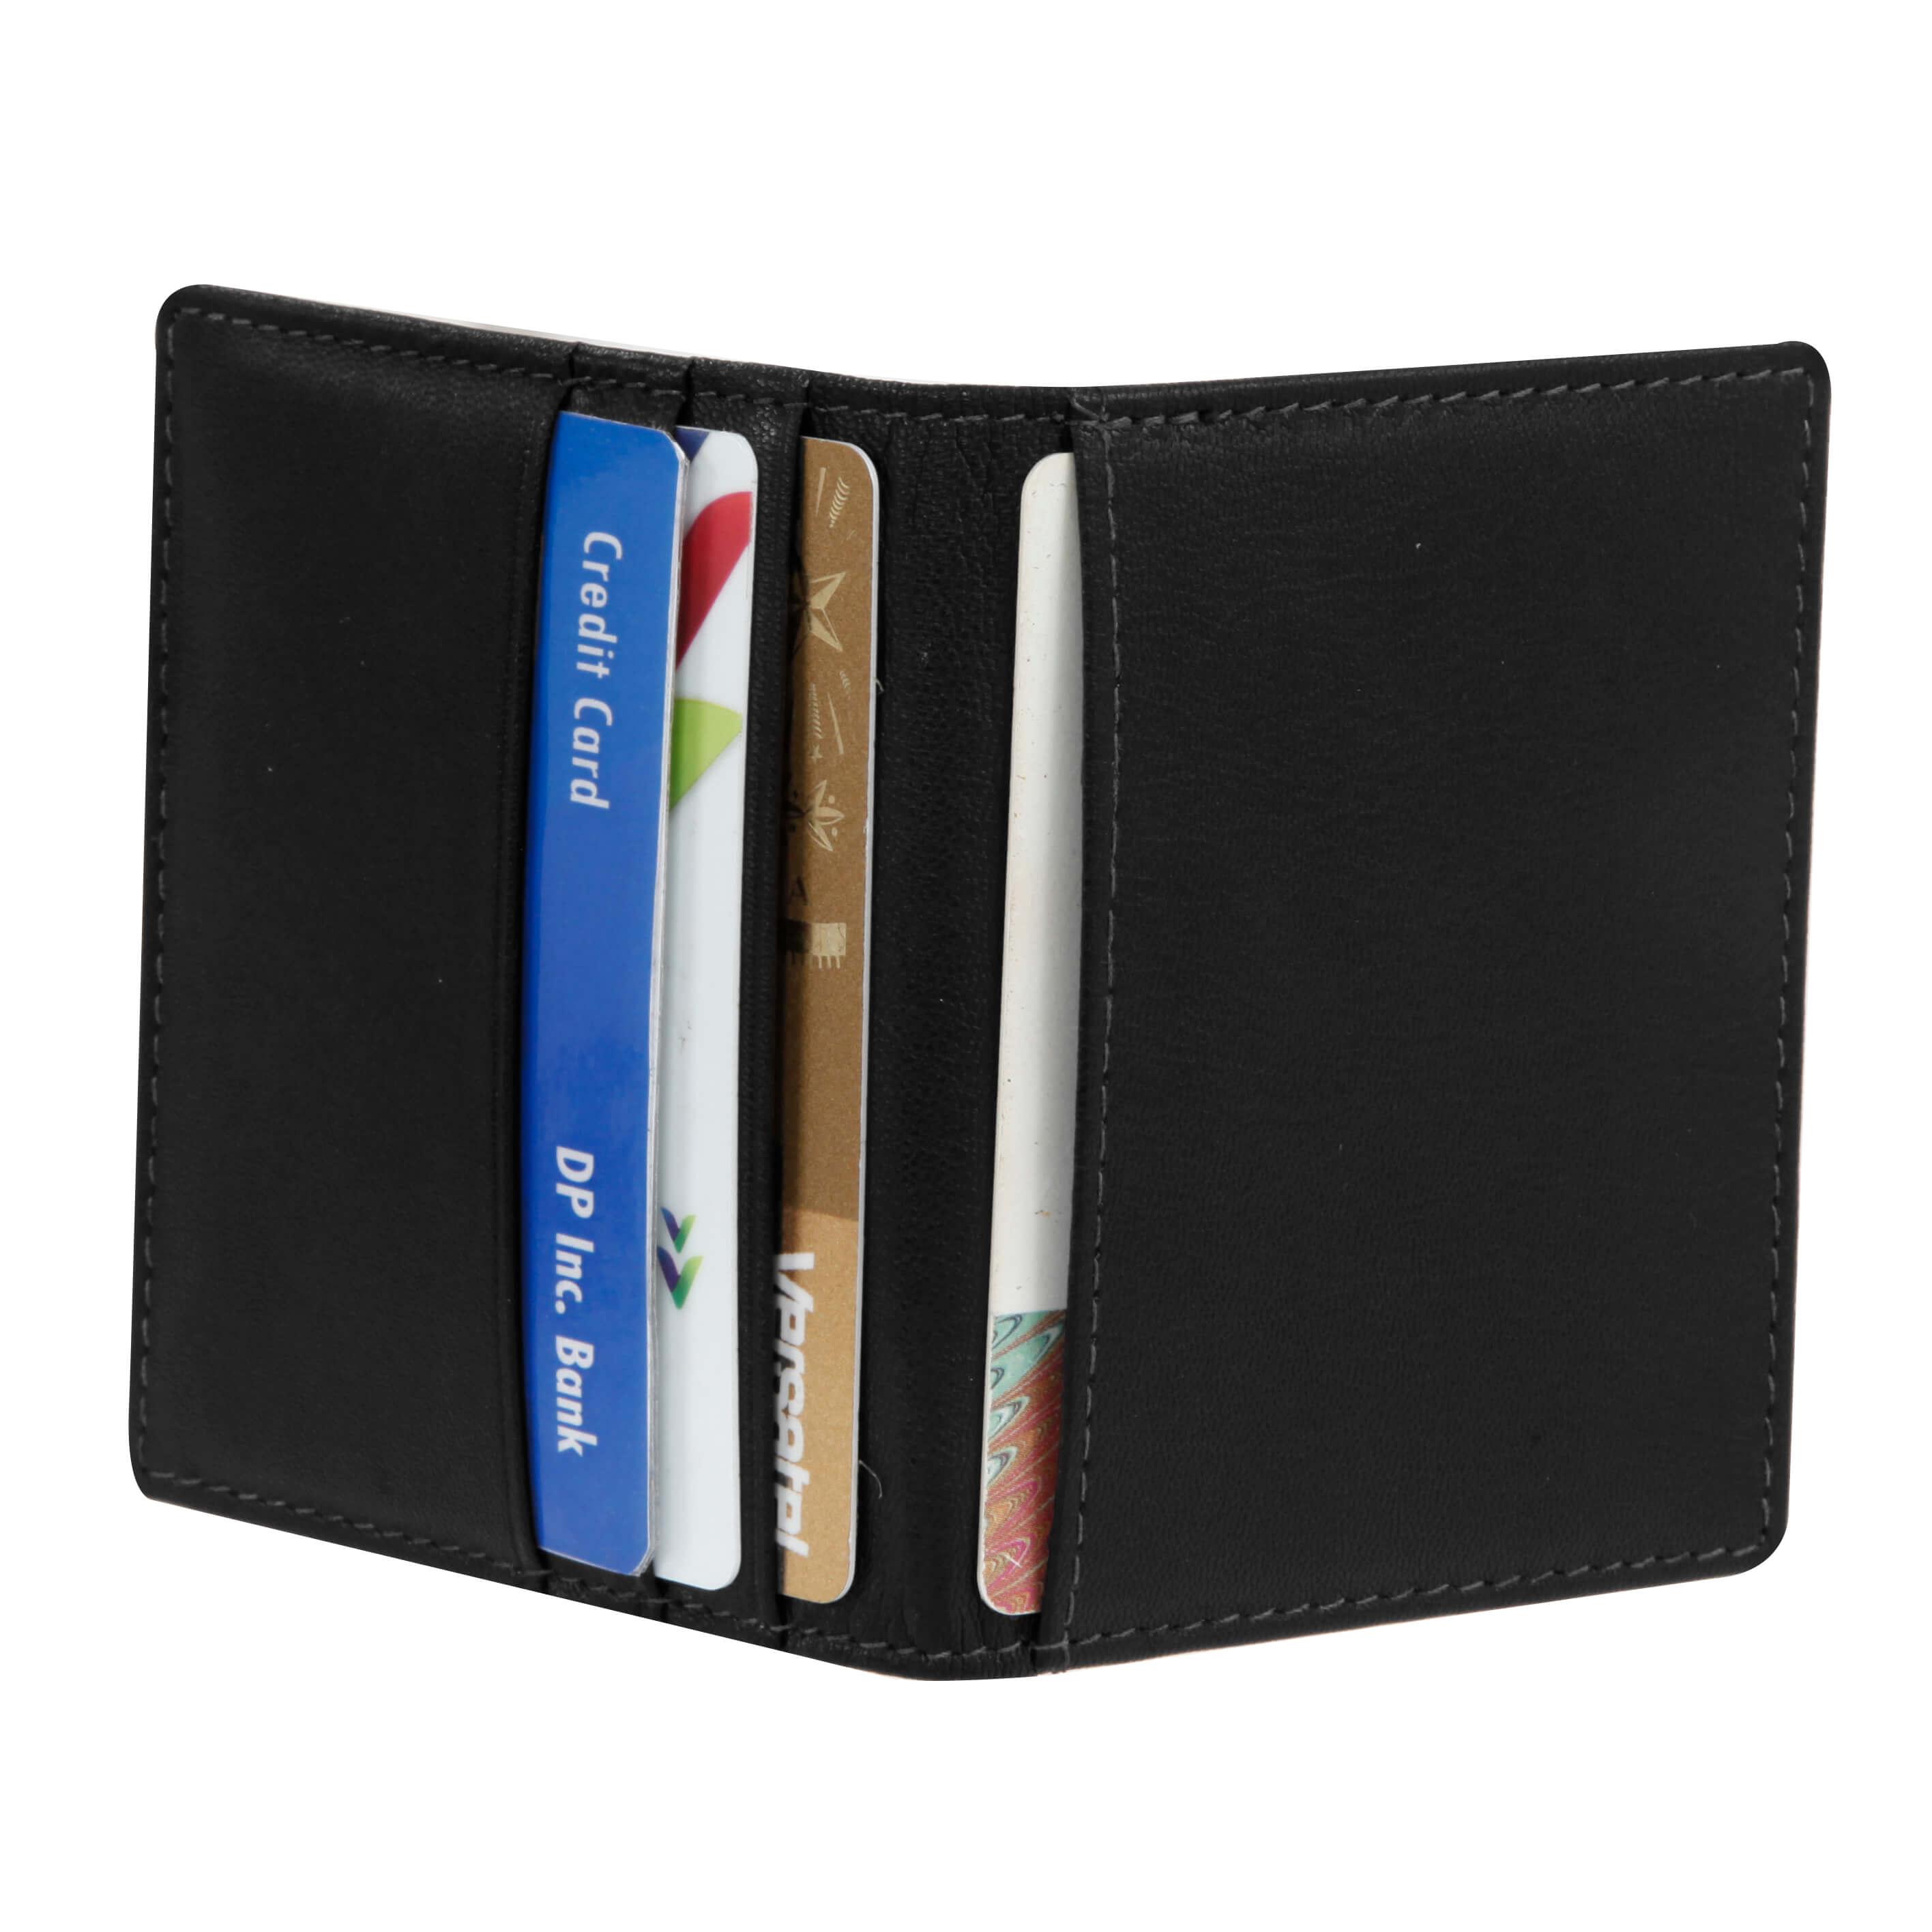 Samsonite RFID Wallet-370254